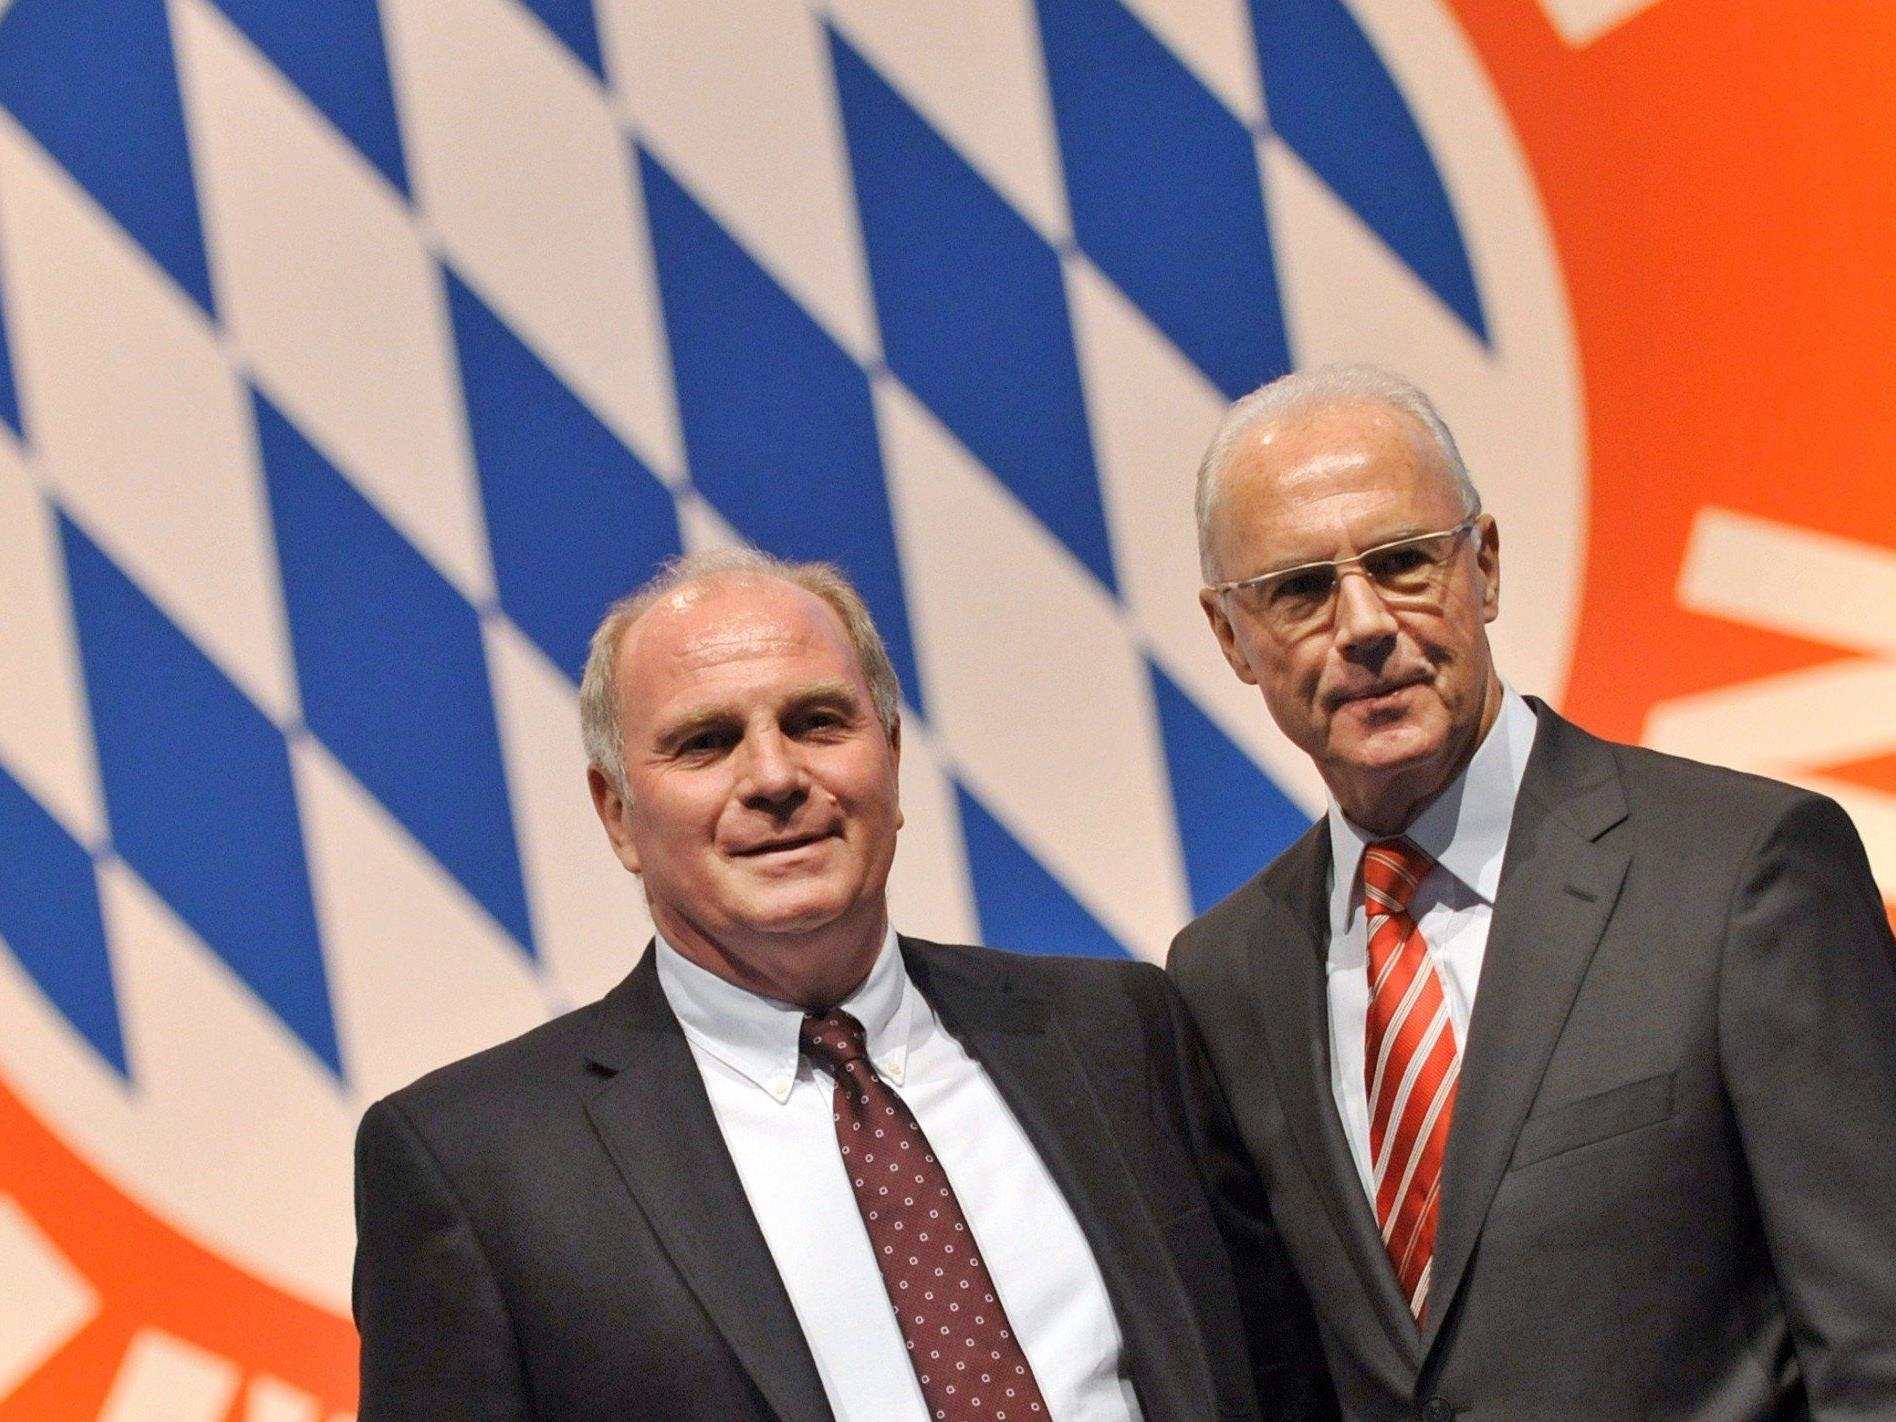 Beckenbauer sieht keine Führungskrise beim Champions-League-Sieger.